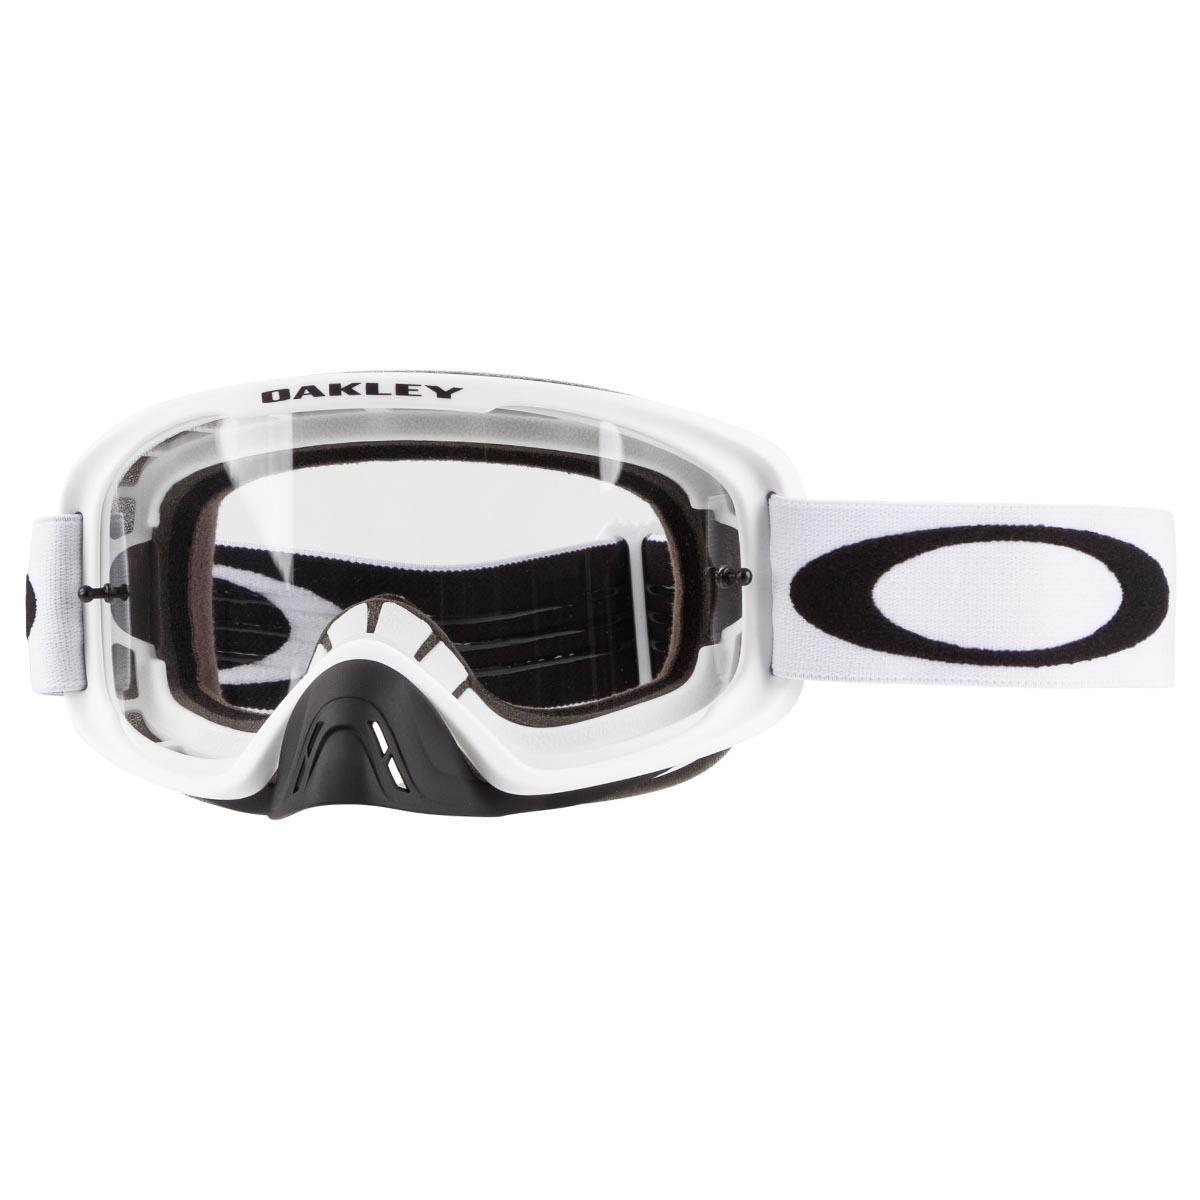 444cc829e5 Oakley Goggle O2 MX Matte White - Clear Spring 2018